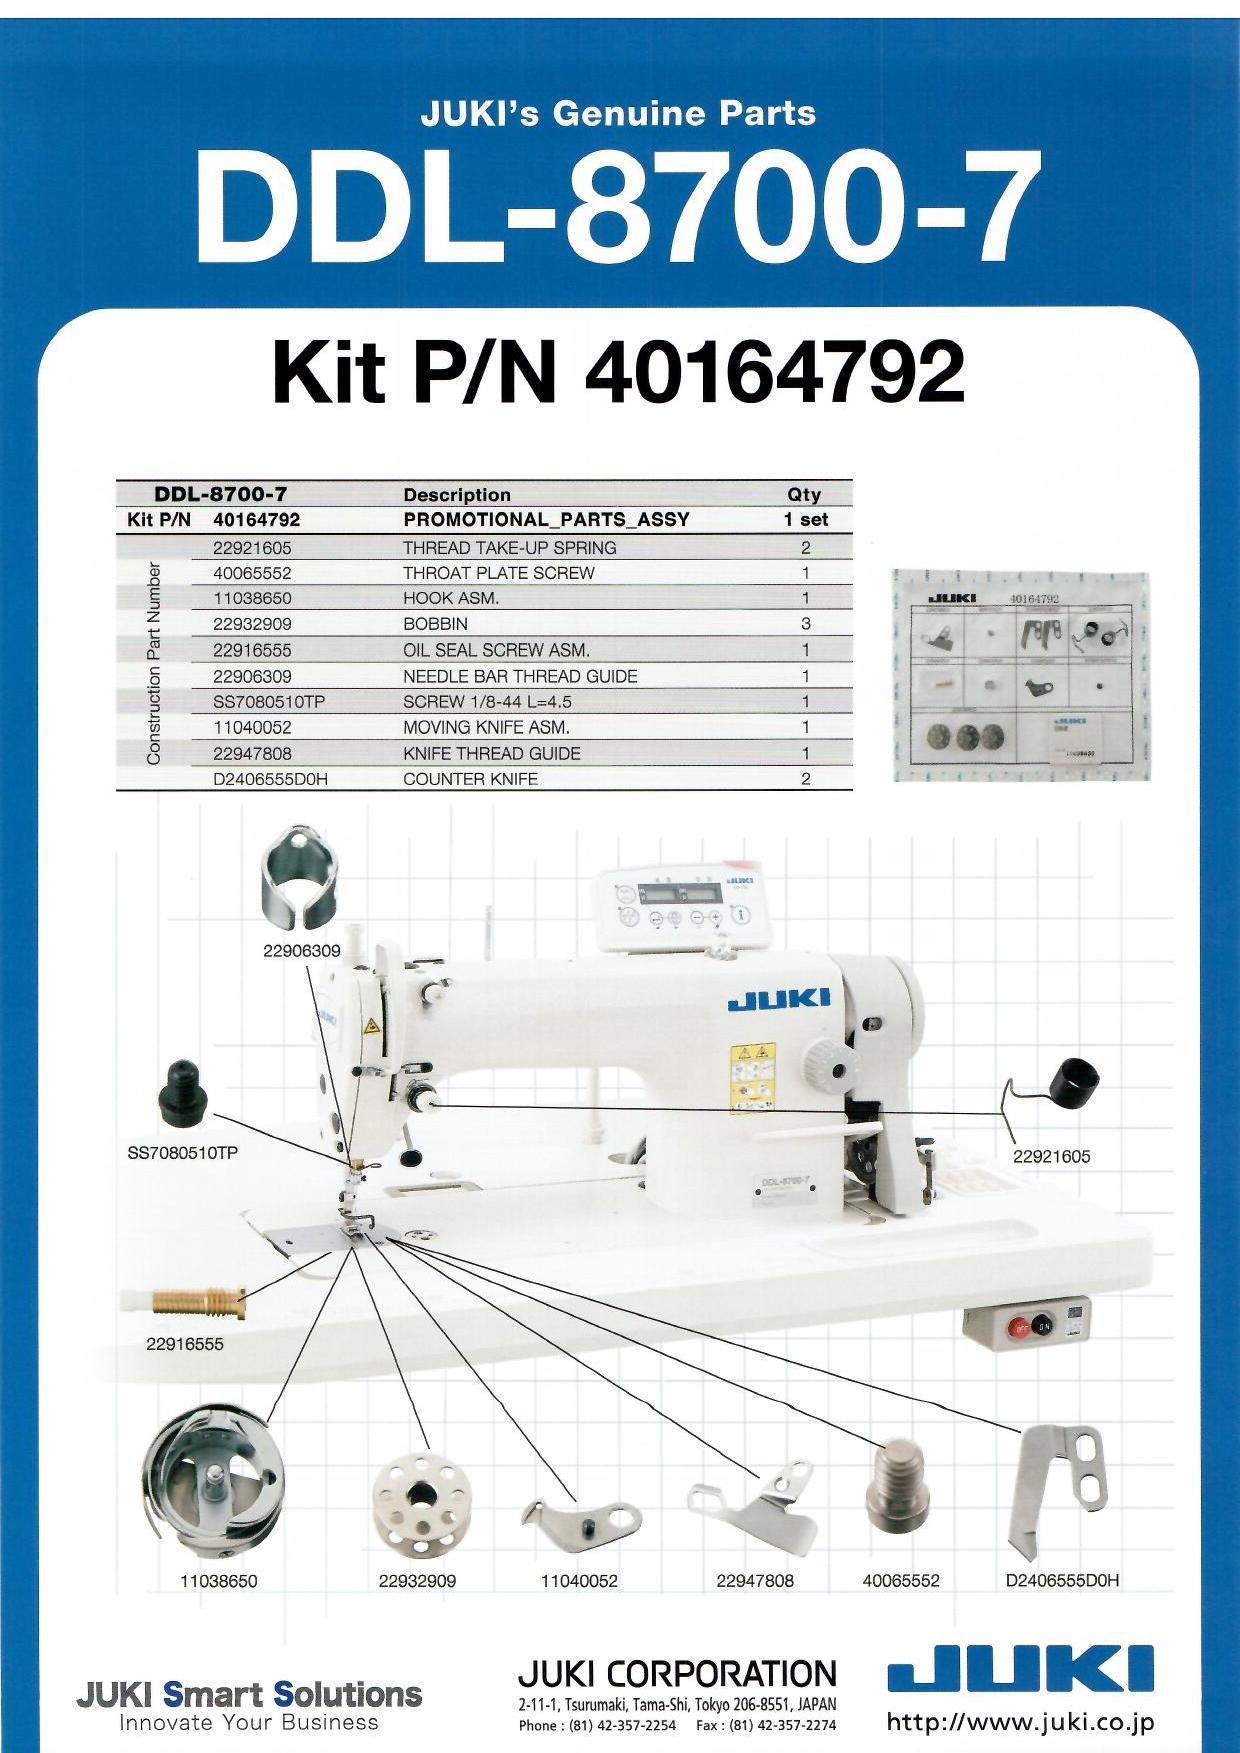 电子平车 DDL-8700-7